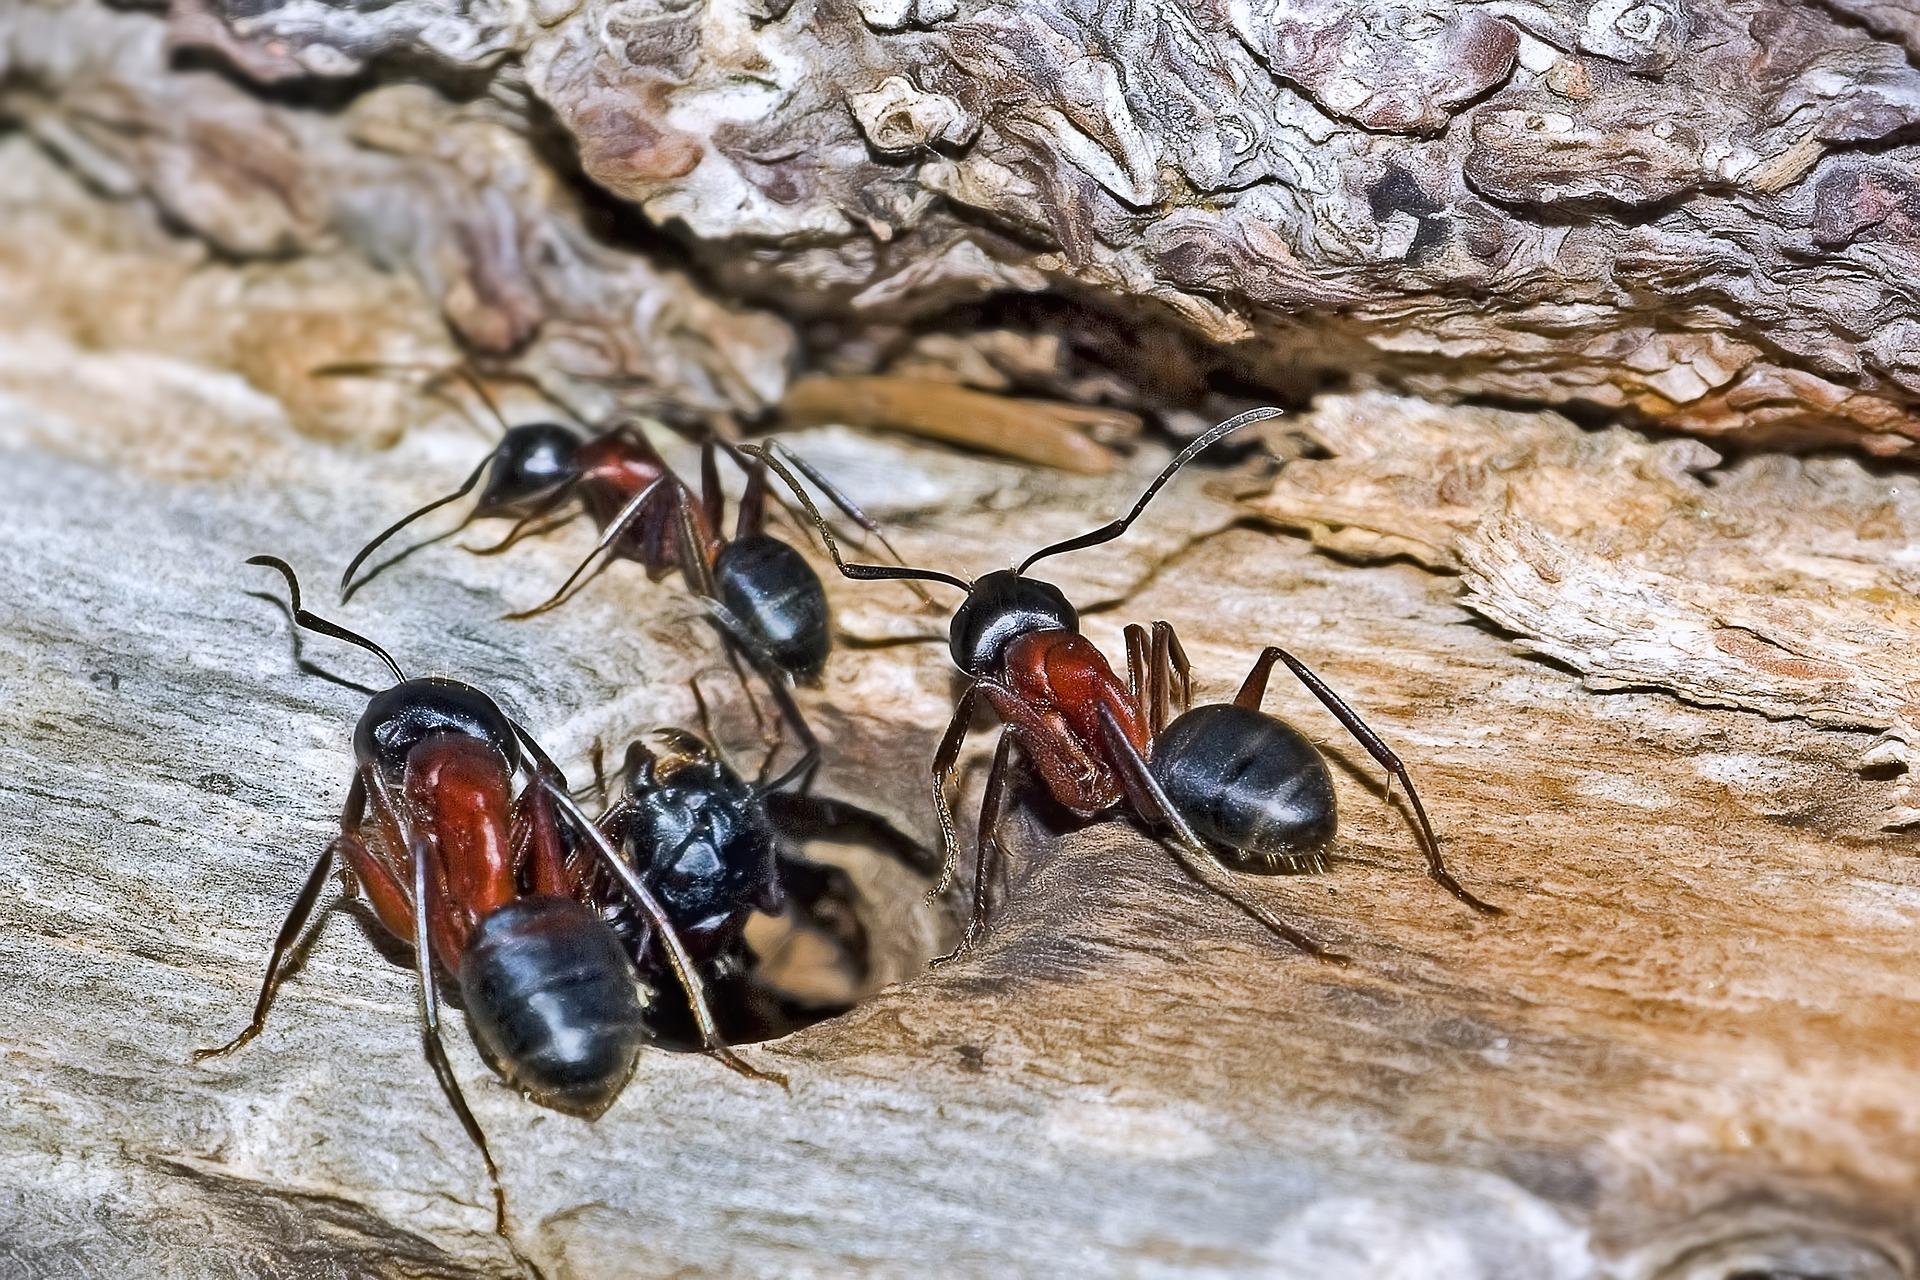 8 ants-5842405_1920